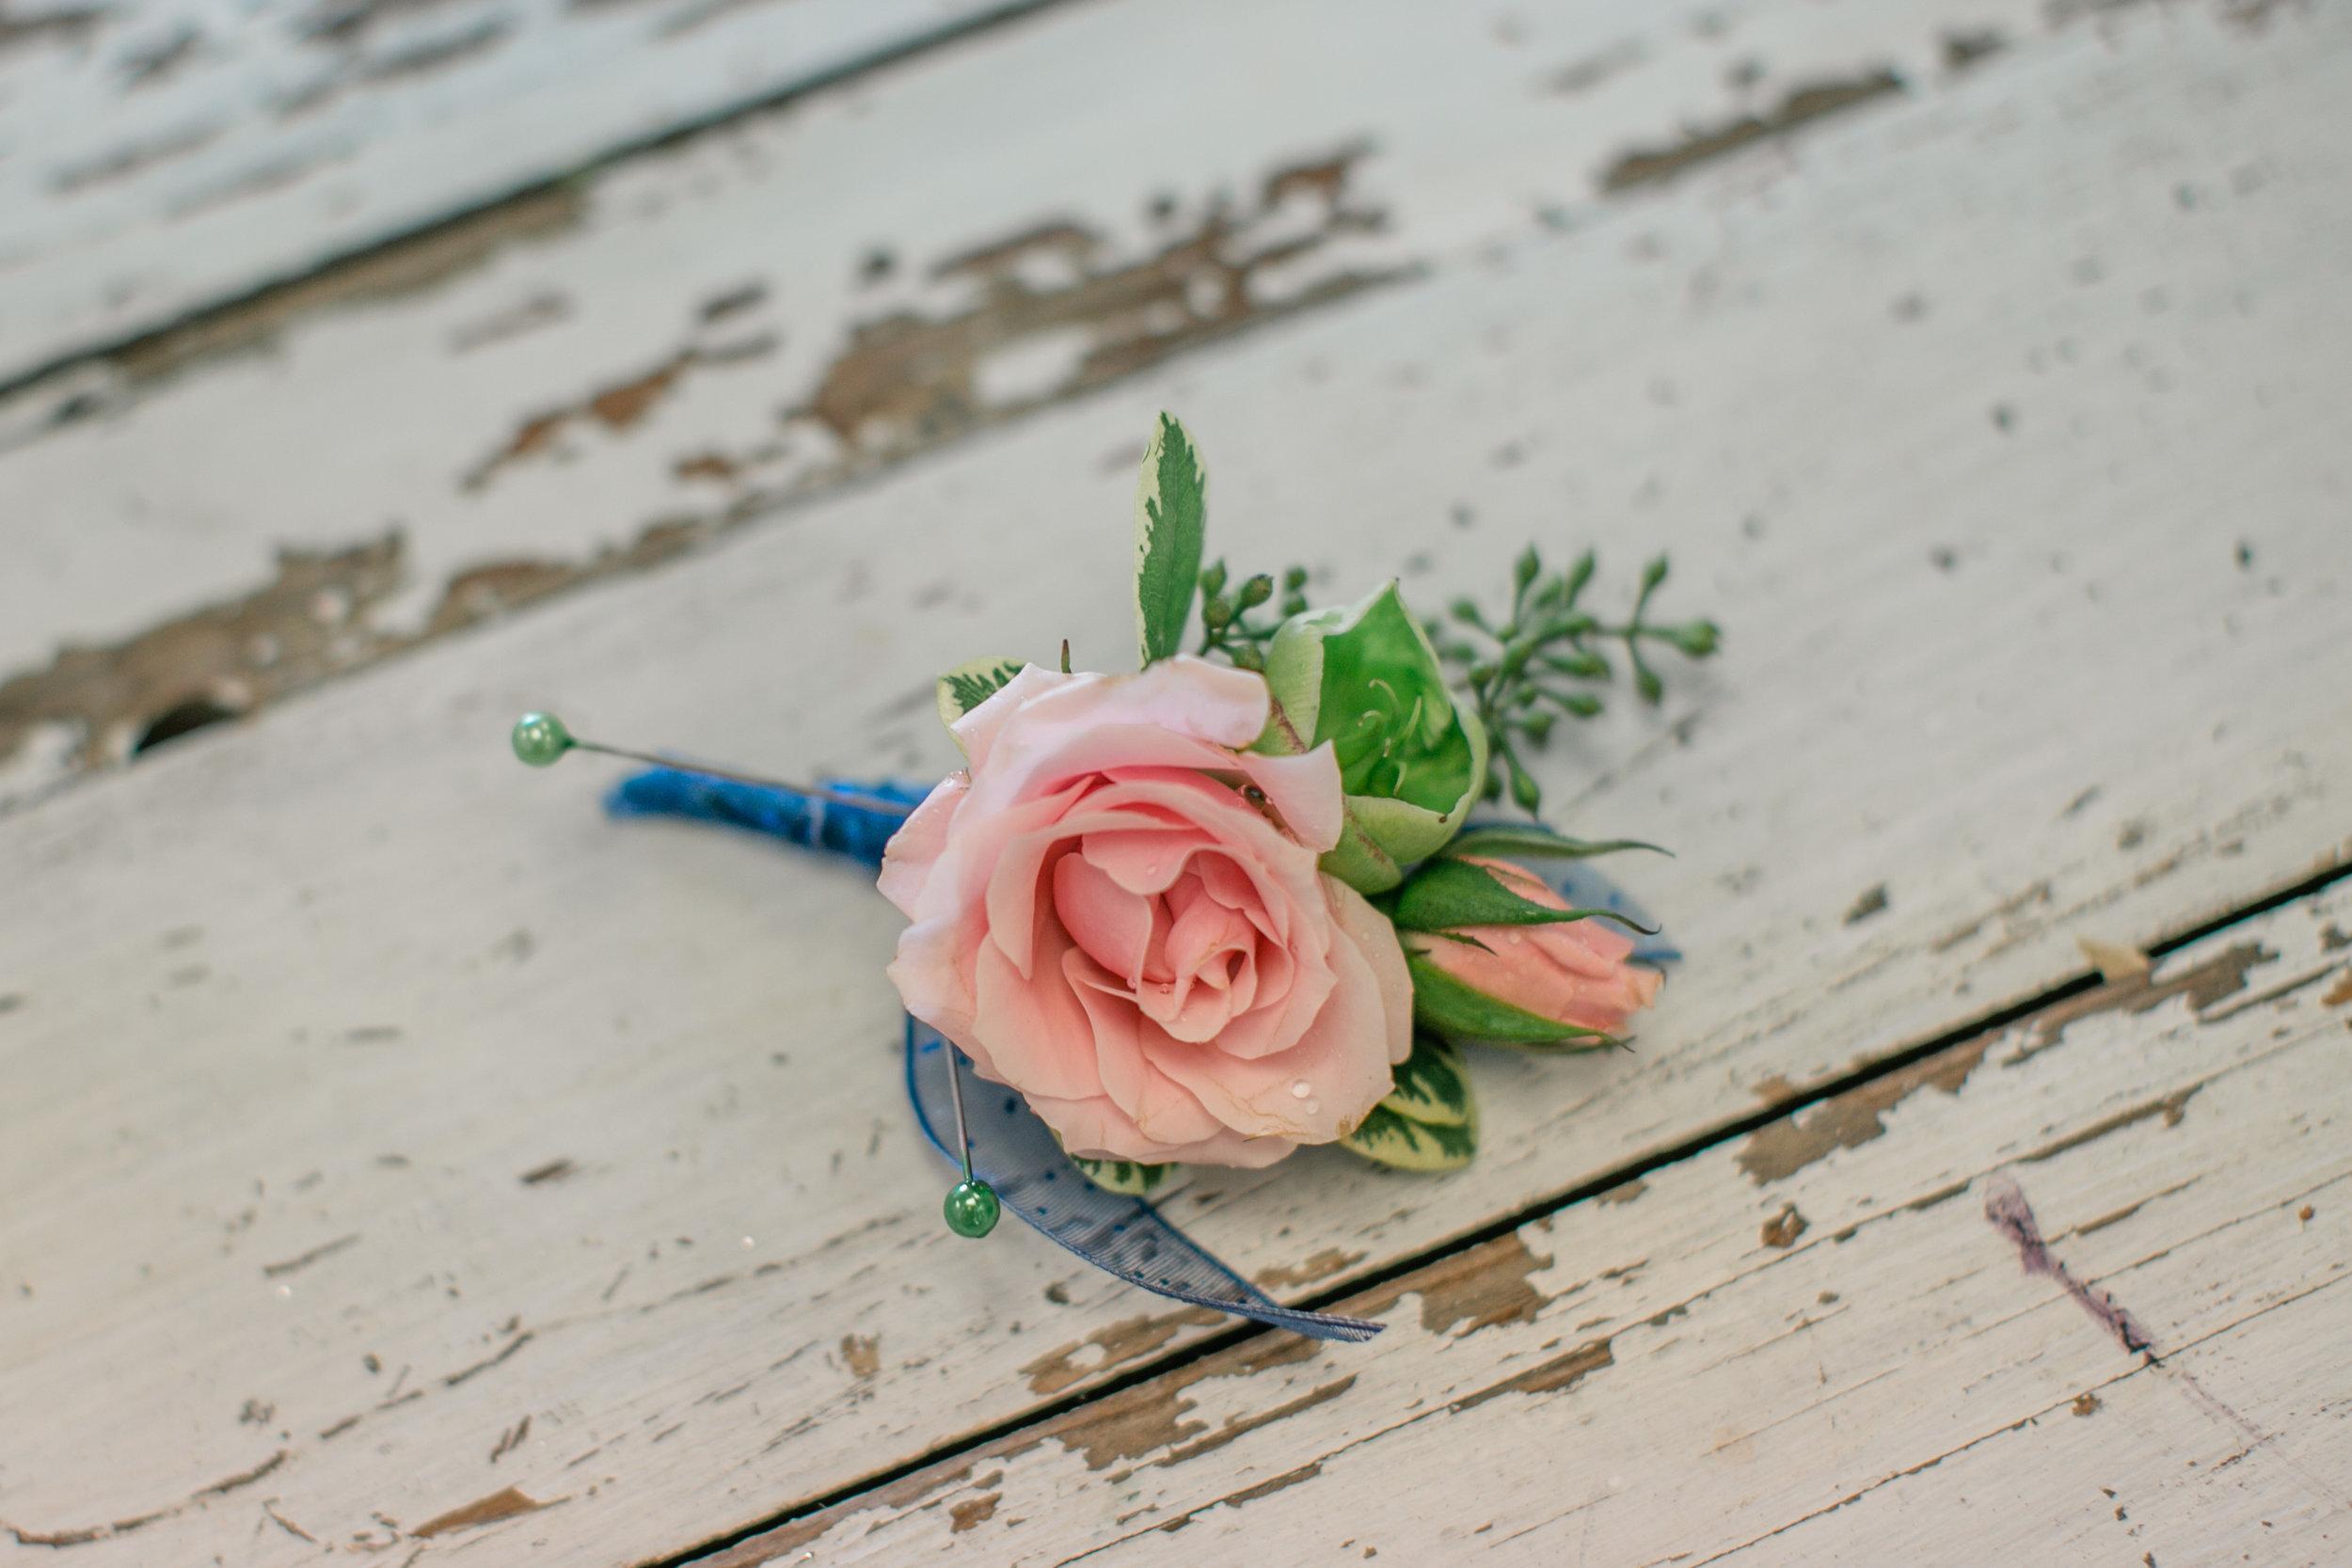 LAV-BLUE-des-moines-prom-flowers-7.jpg